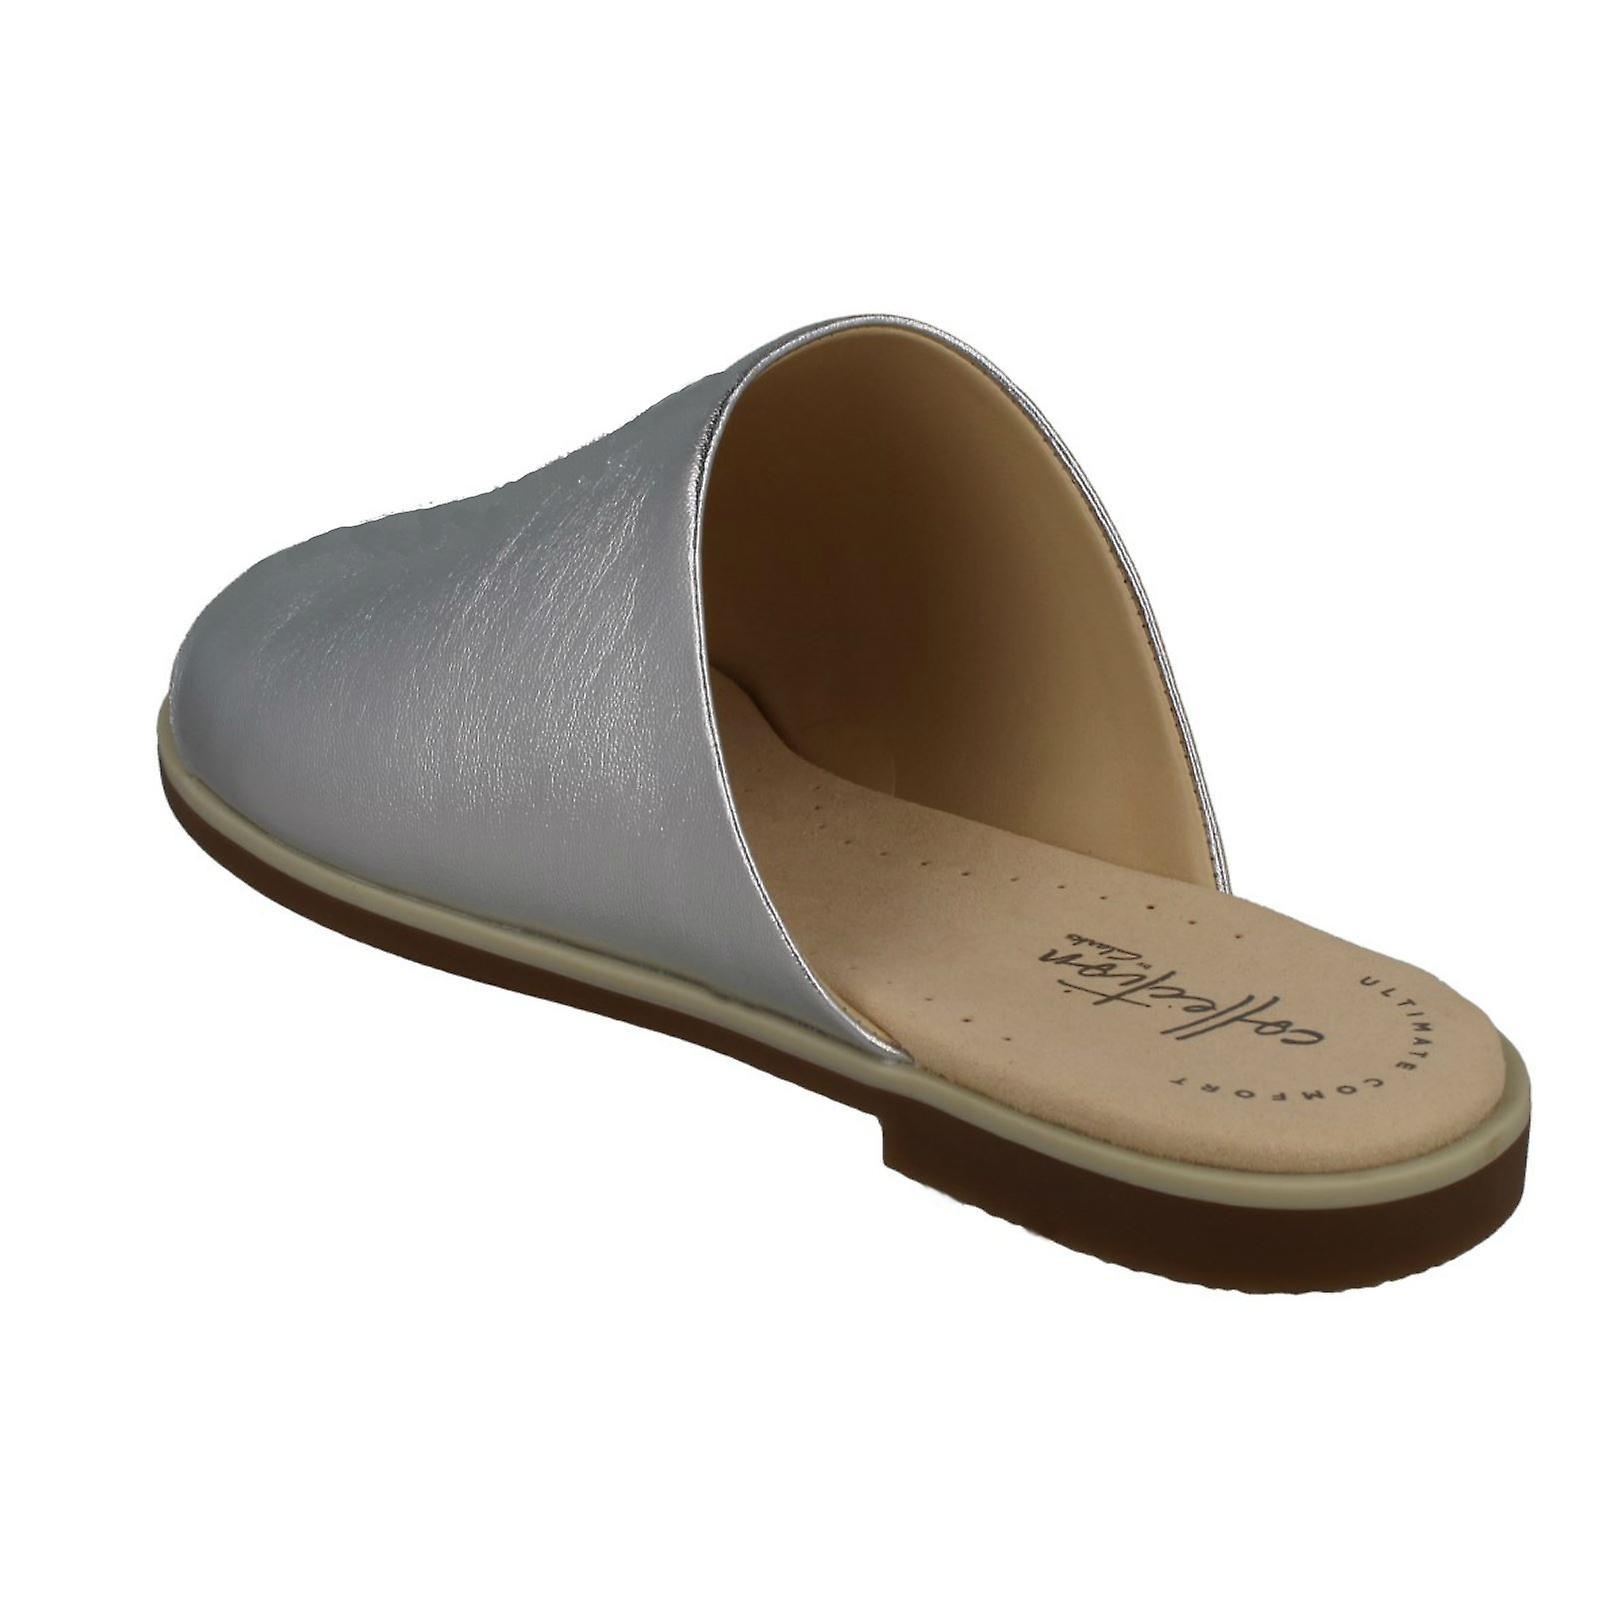 Ladies Clarks Peep-Toe Mule Sandals Bay Petal